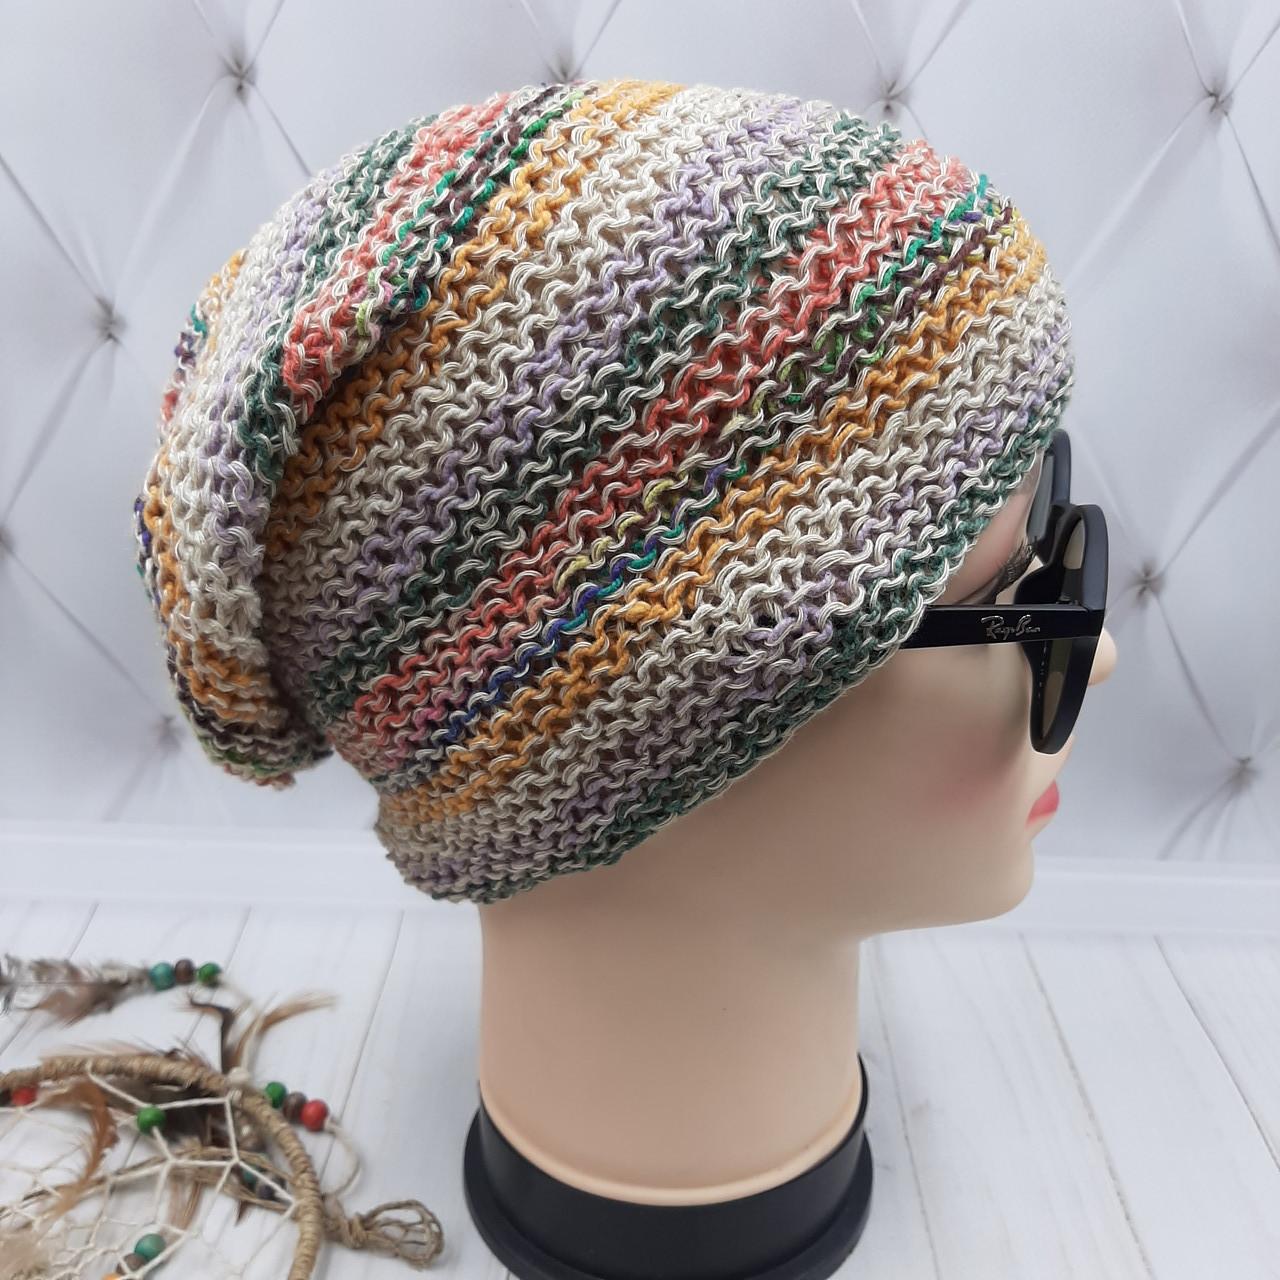 Вязаная шапочка  из Непала ручной работы унисекс, в цветную полоску.